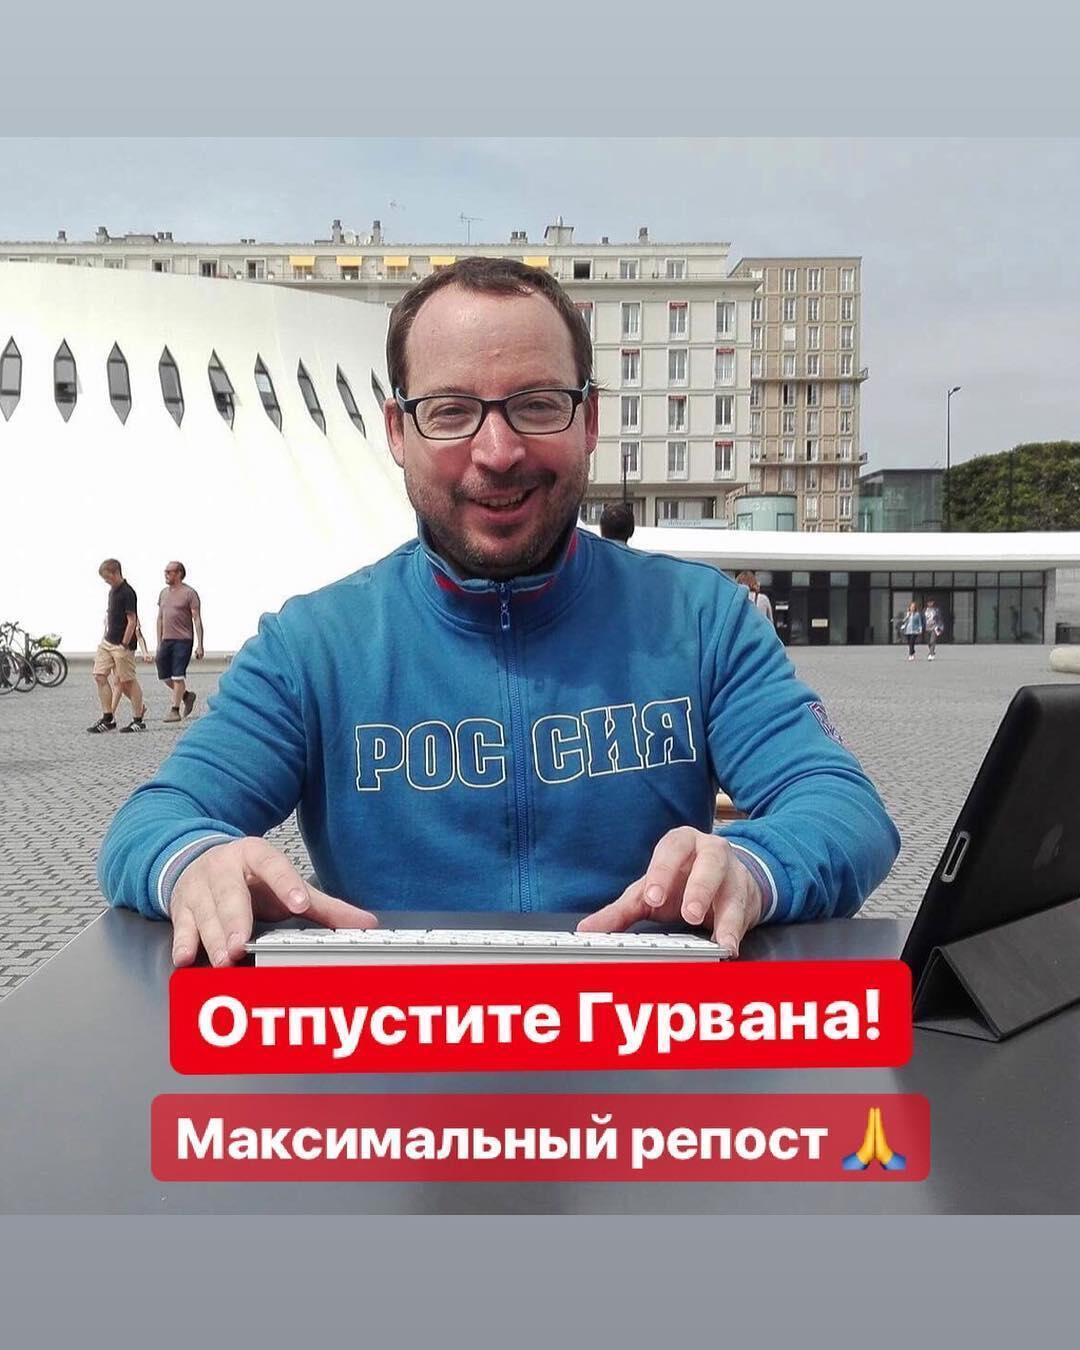 Француза Гурвана Ле Галля арестовали на два месяца в Тольятти по подозрению в даче взятки